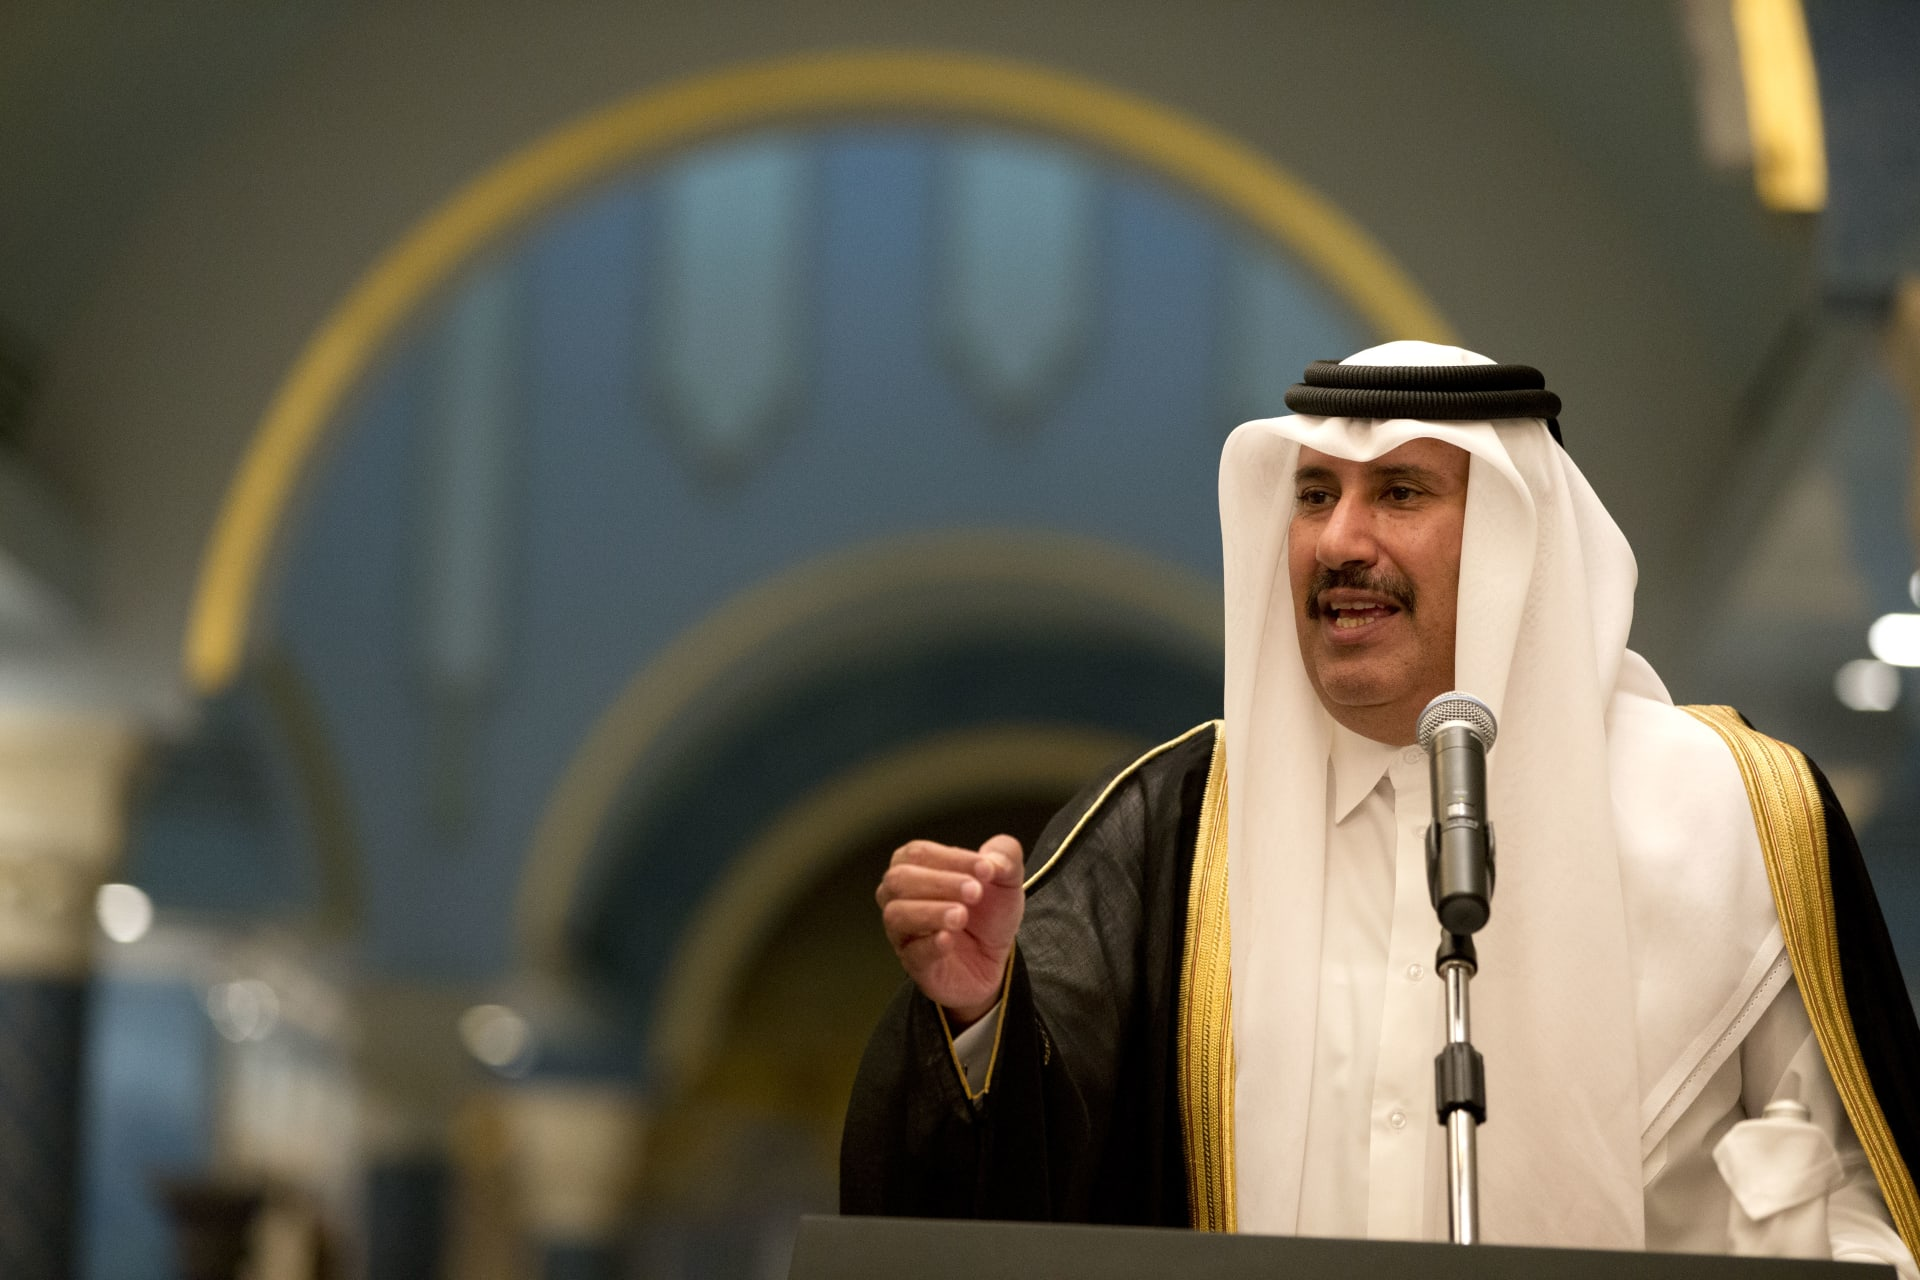 حمد بن جاسم وزير خارجية قطر السابق